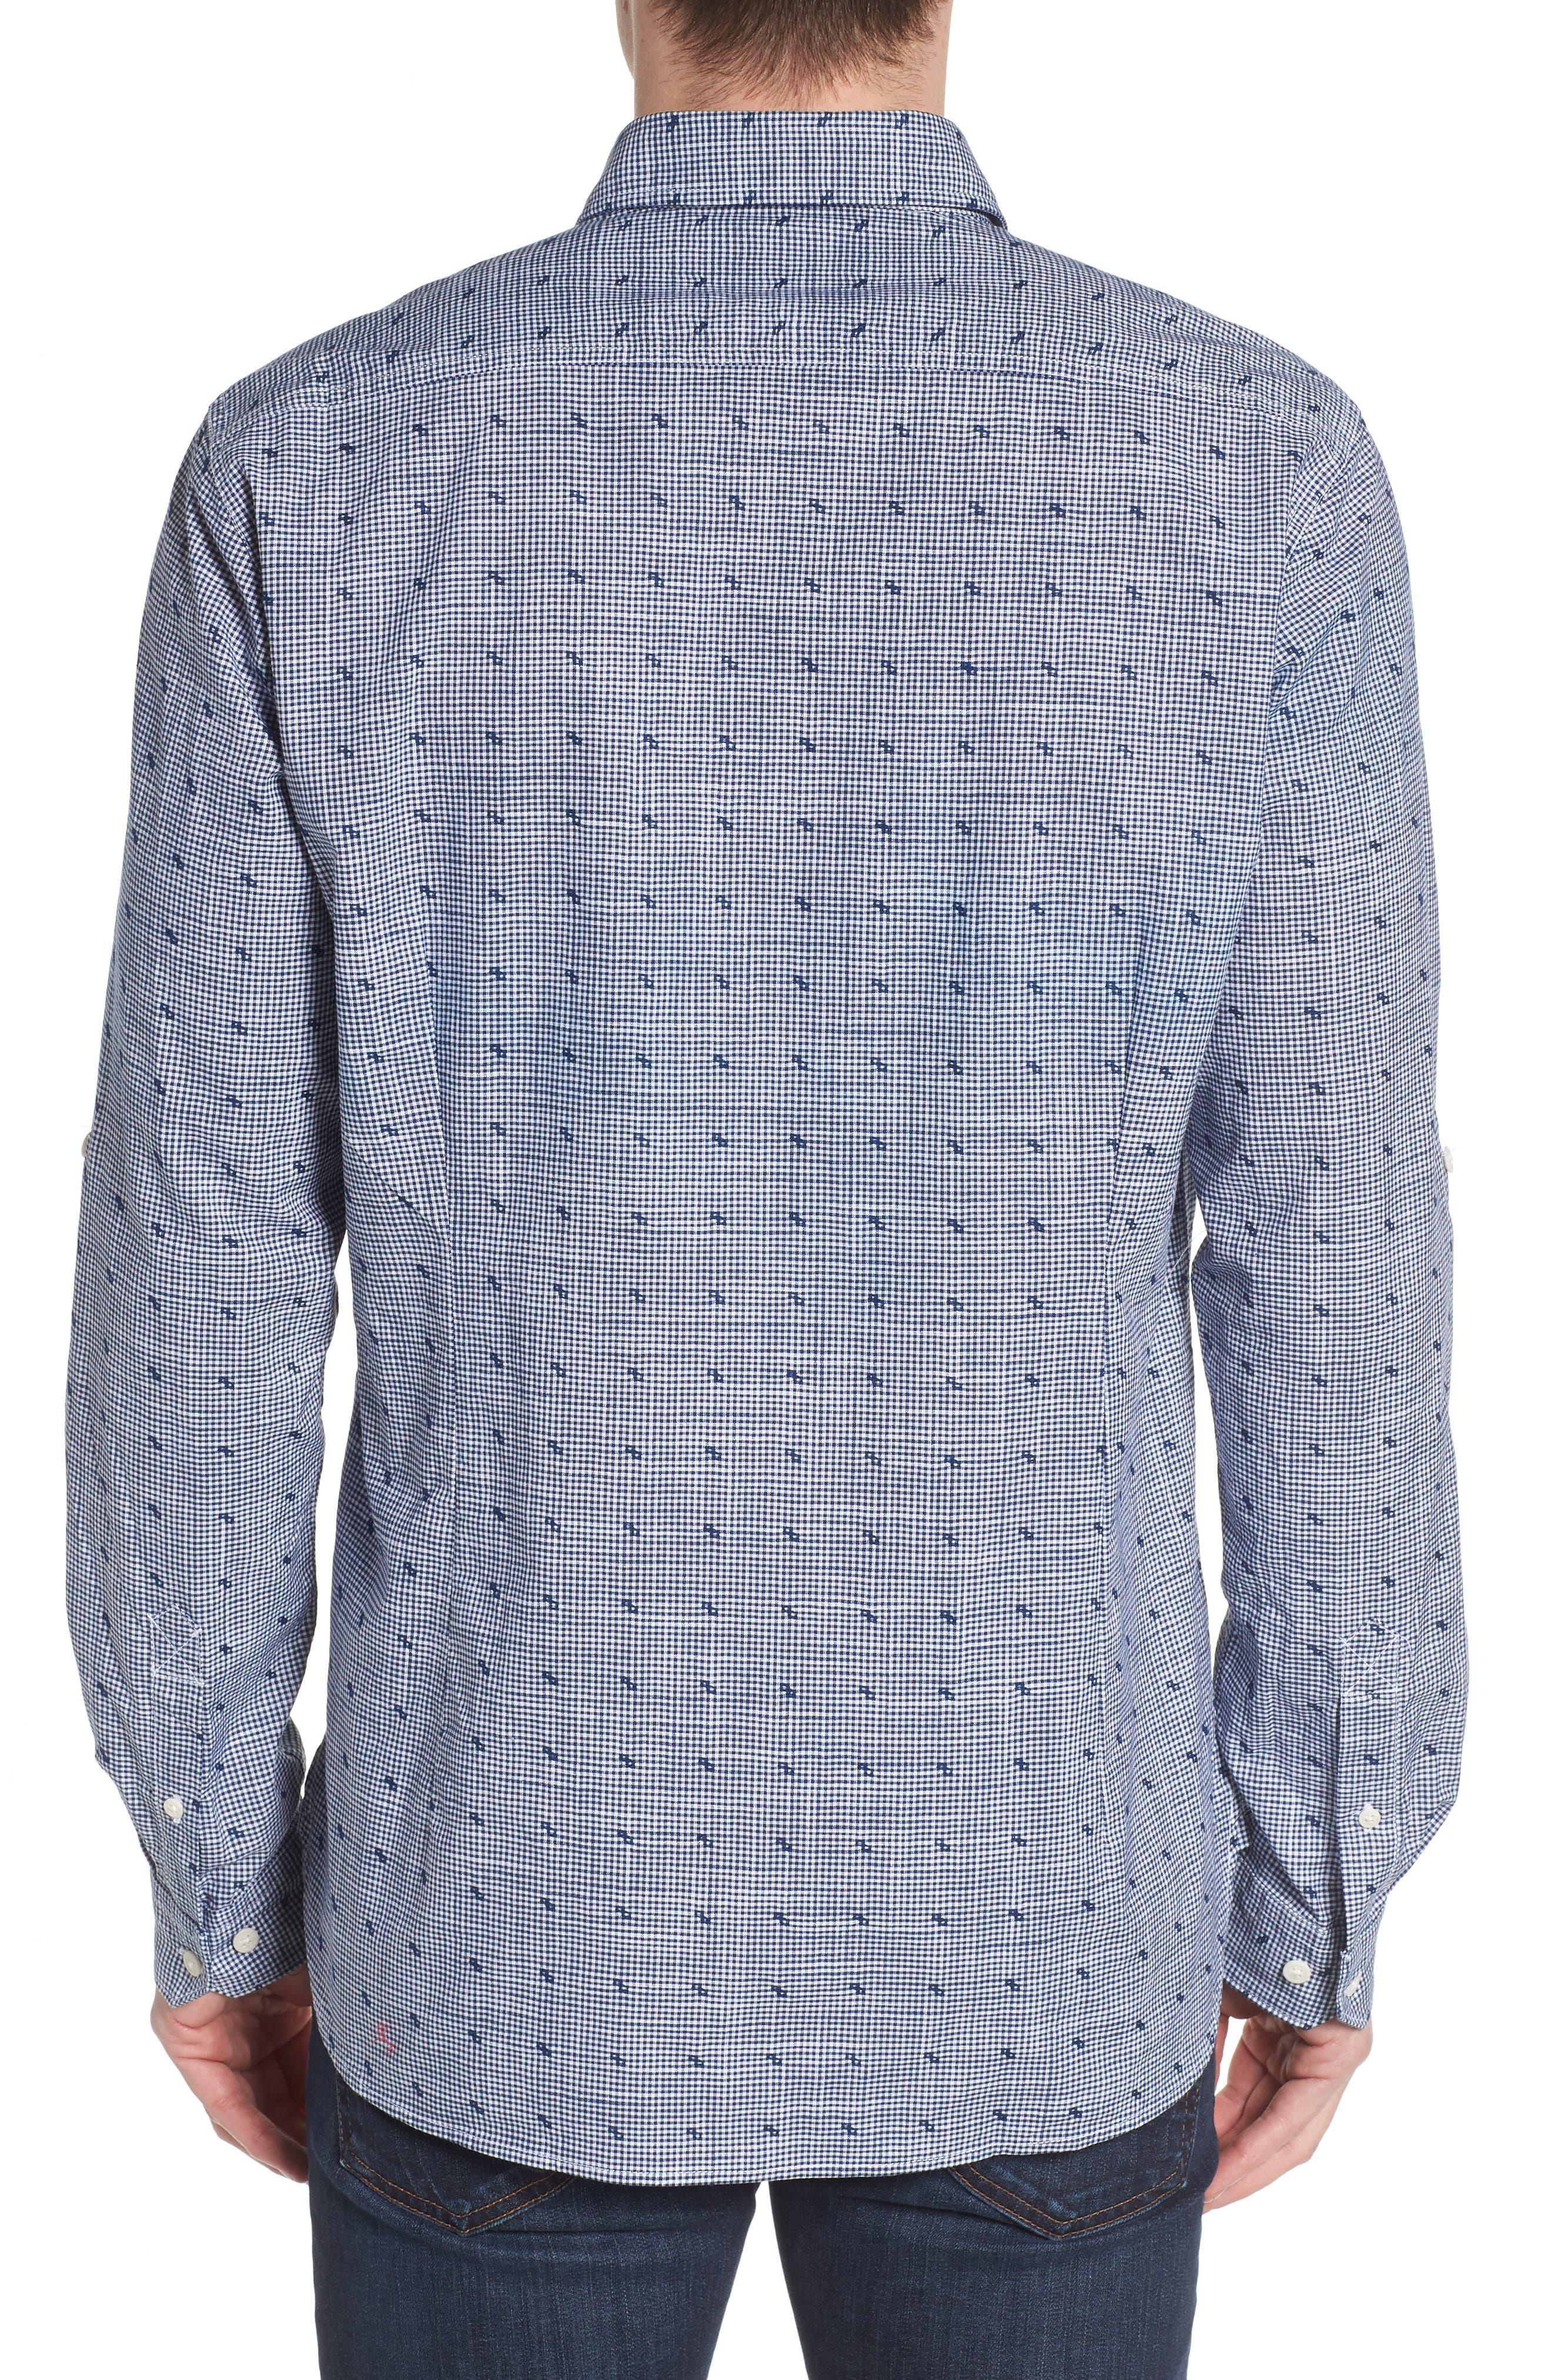 Beluga Regular Fit Check Sport Shirt,                             Alternate thumbnail 2, color,                             410